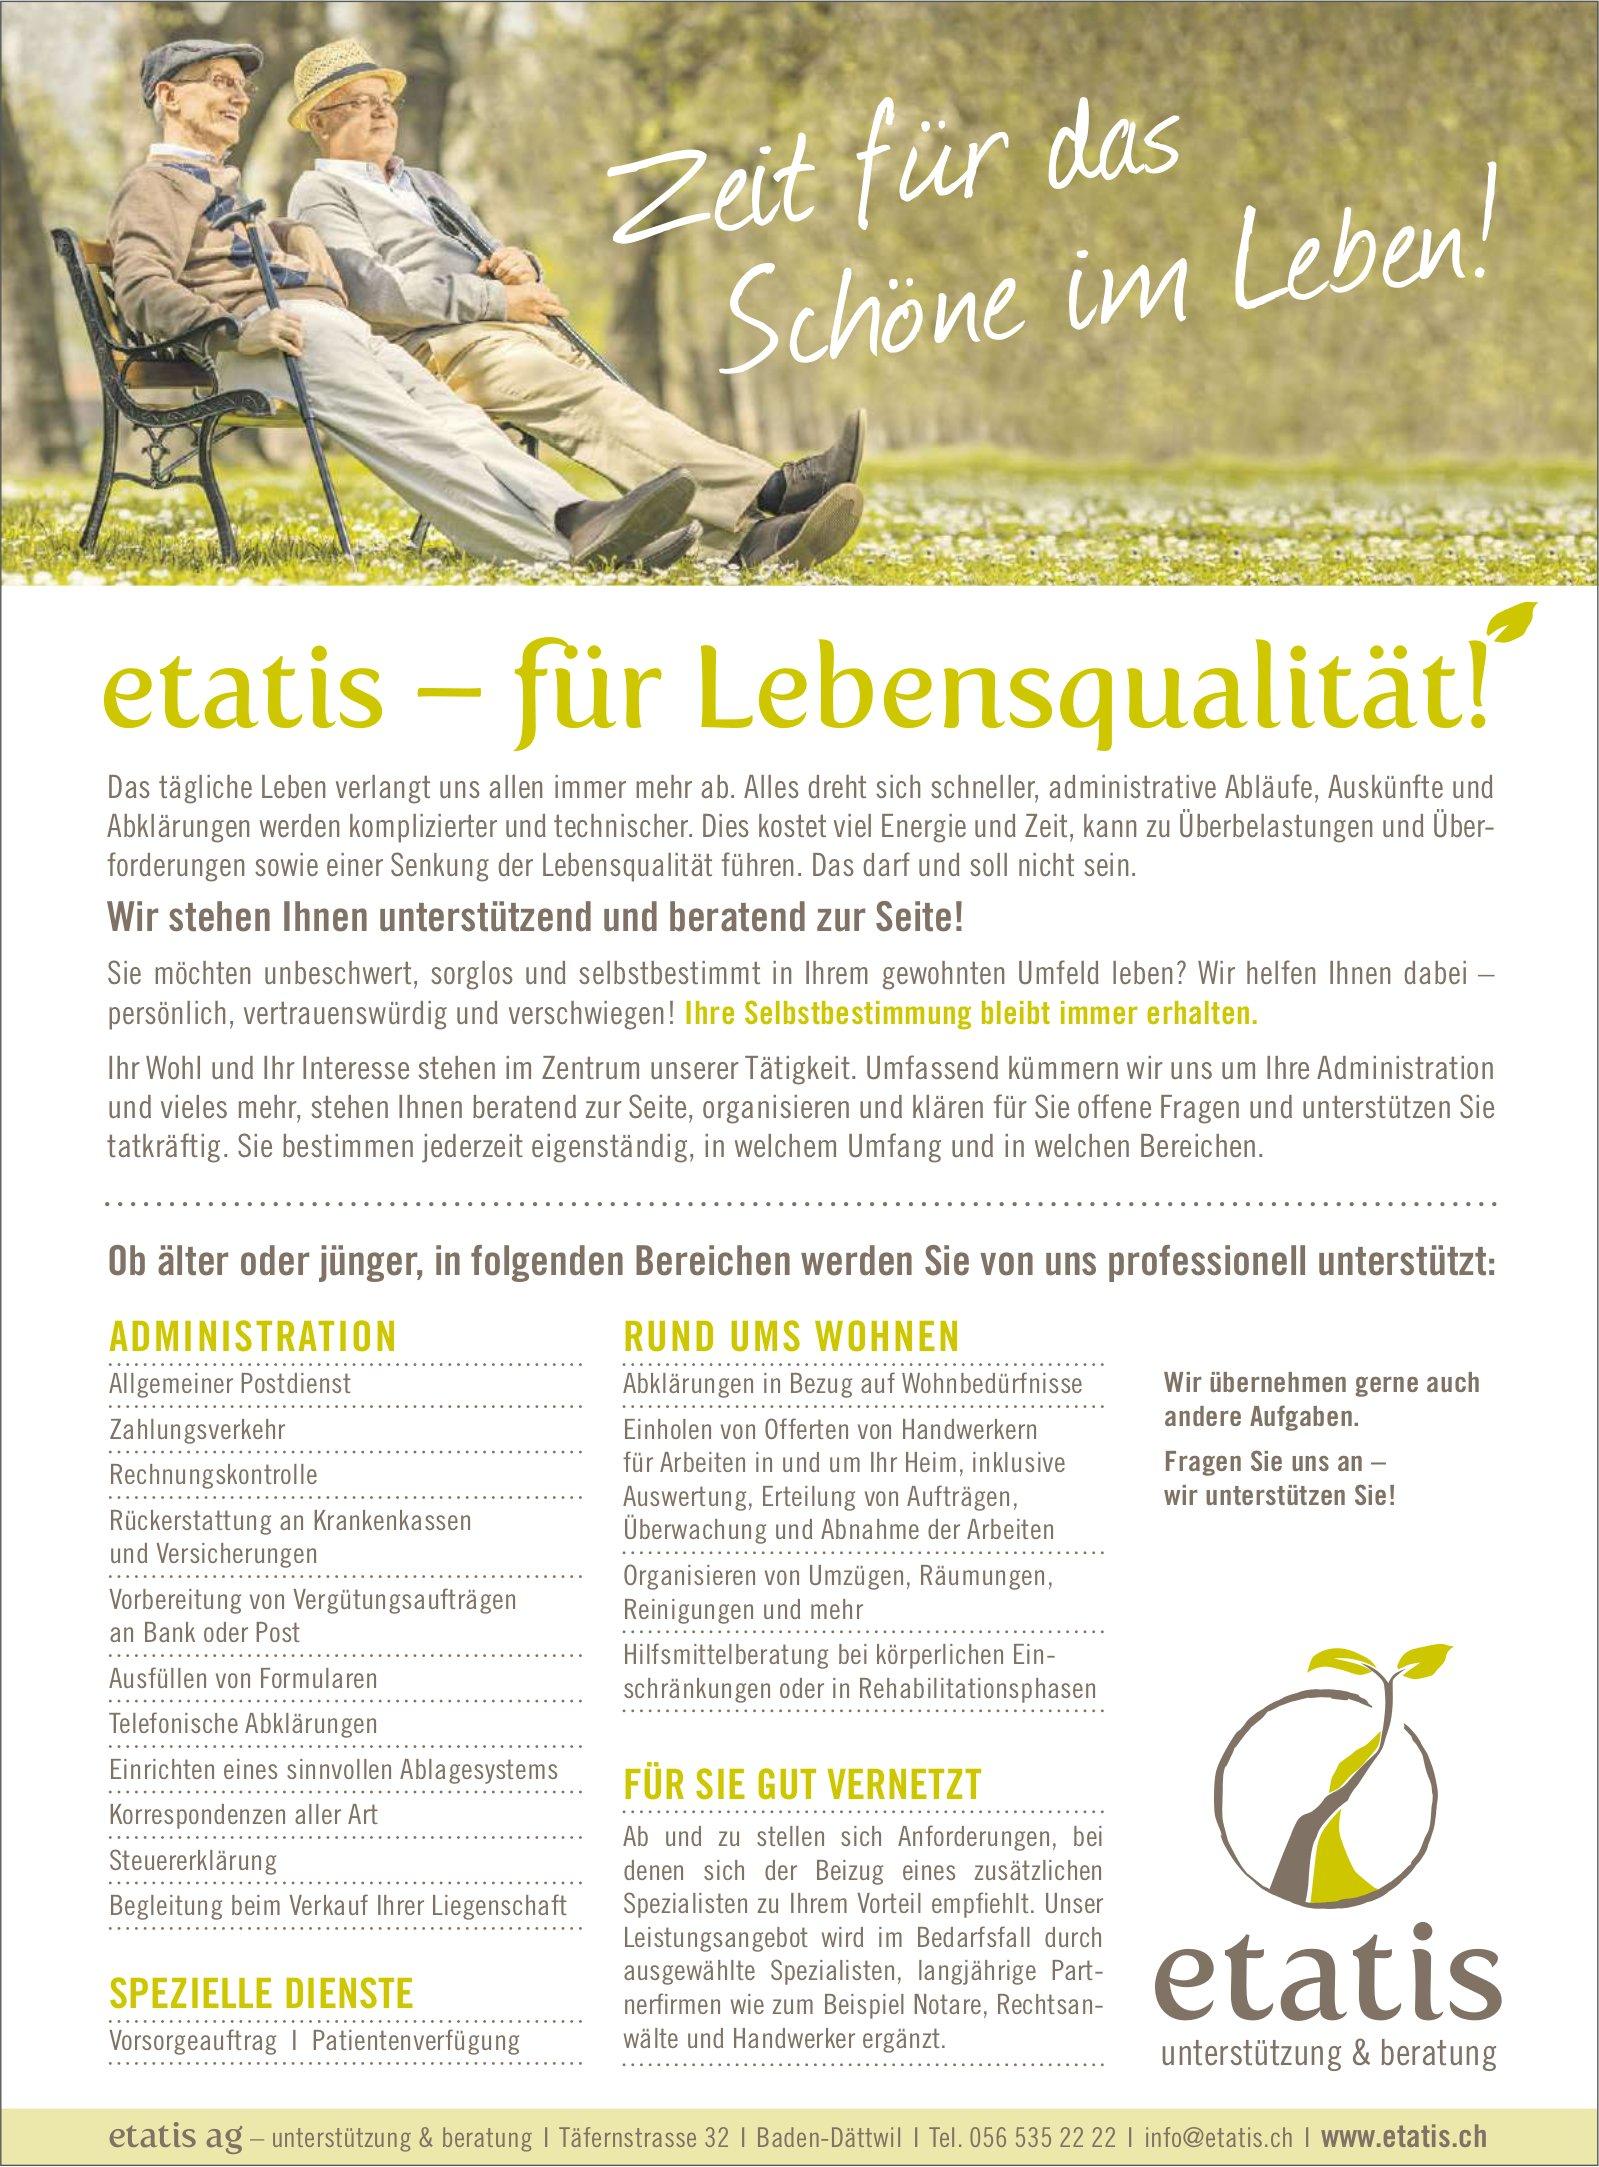 etatis – für Lebensqualität!